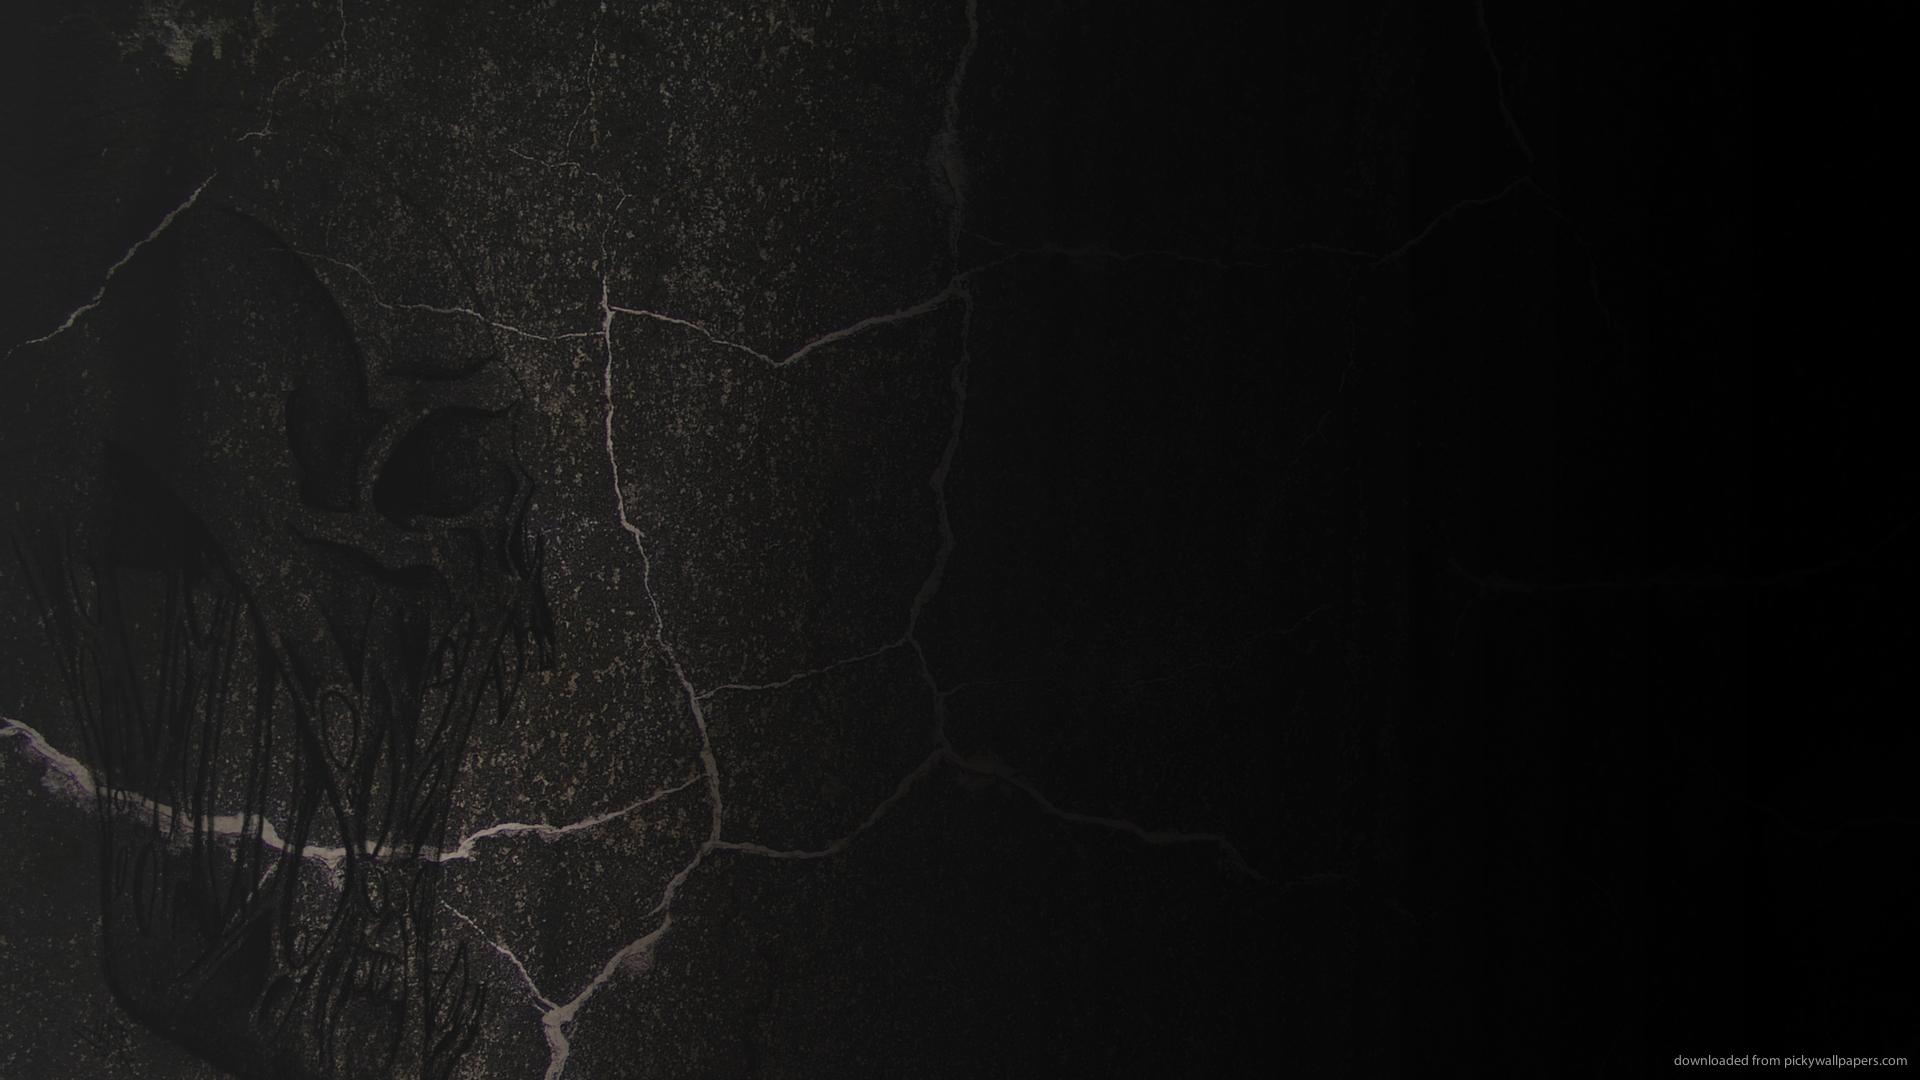 Download 1920x1080 Skull On Black Stone Wallpaper 1920x1080